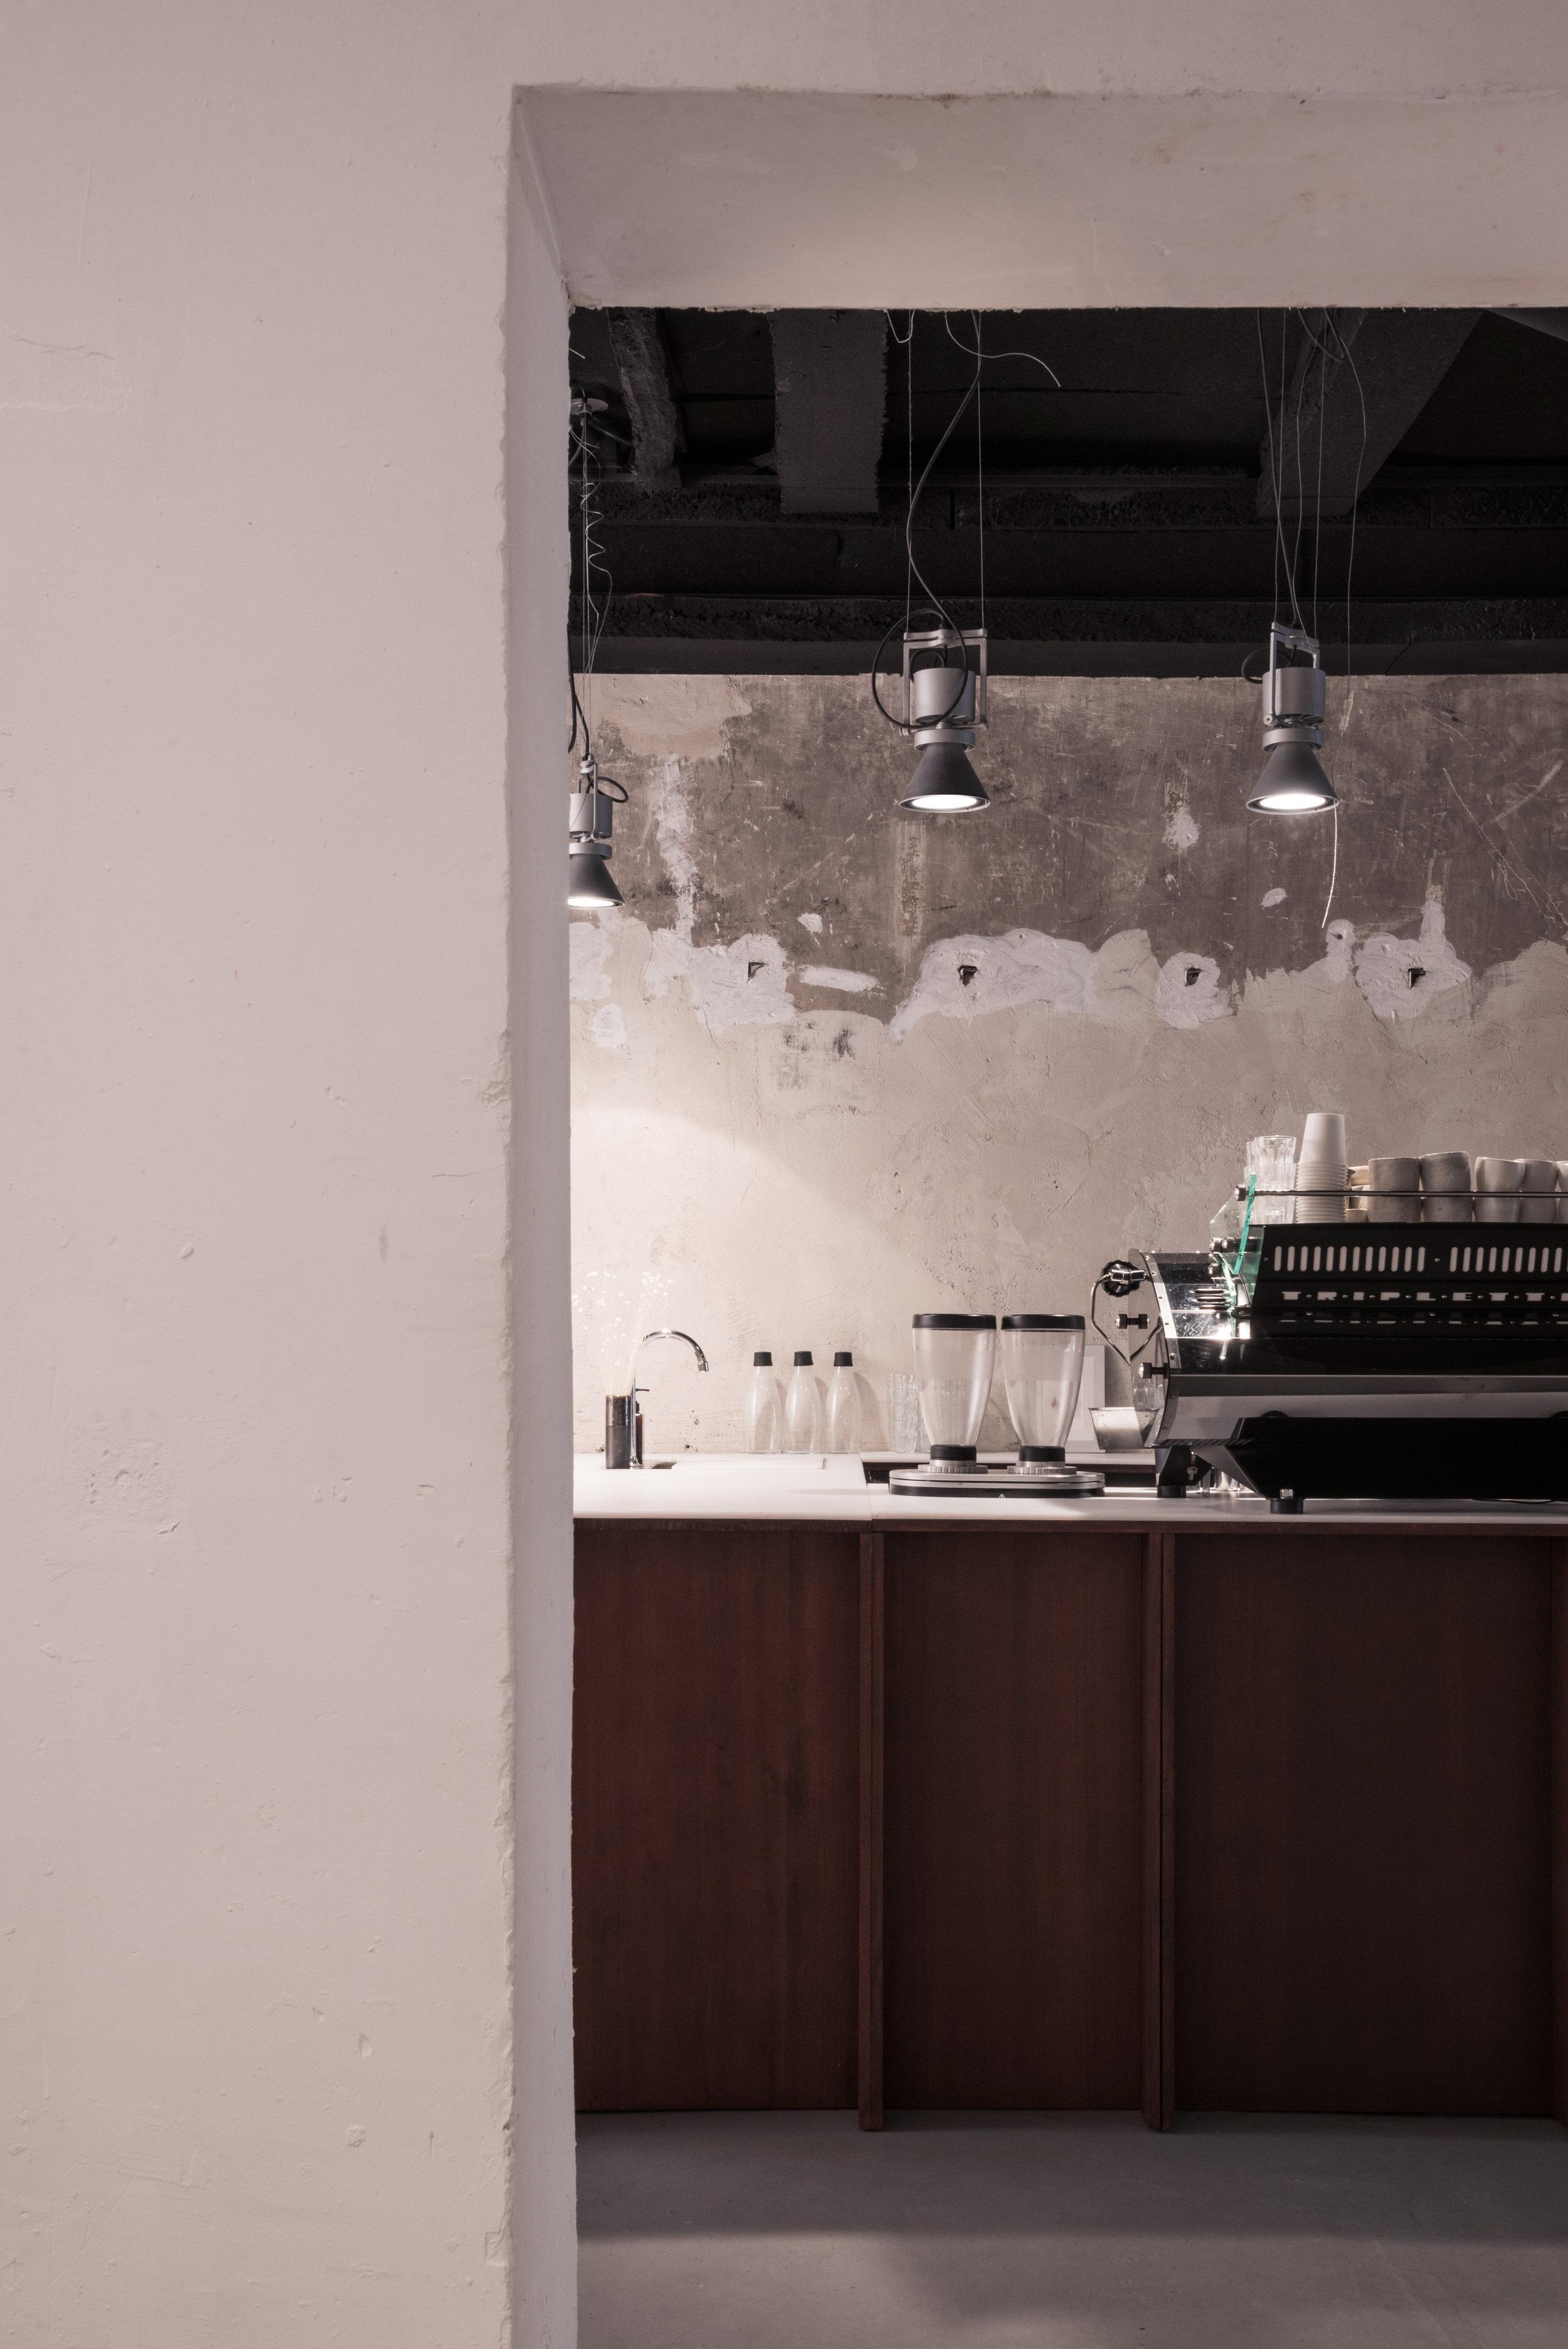 180410_KAL A ACID CAFE 103.jpg